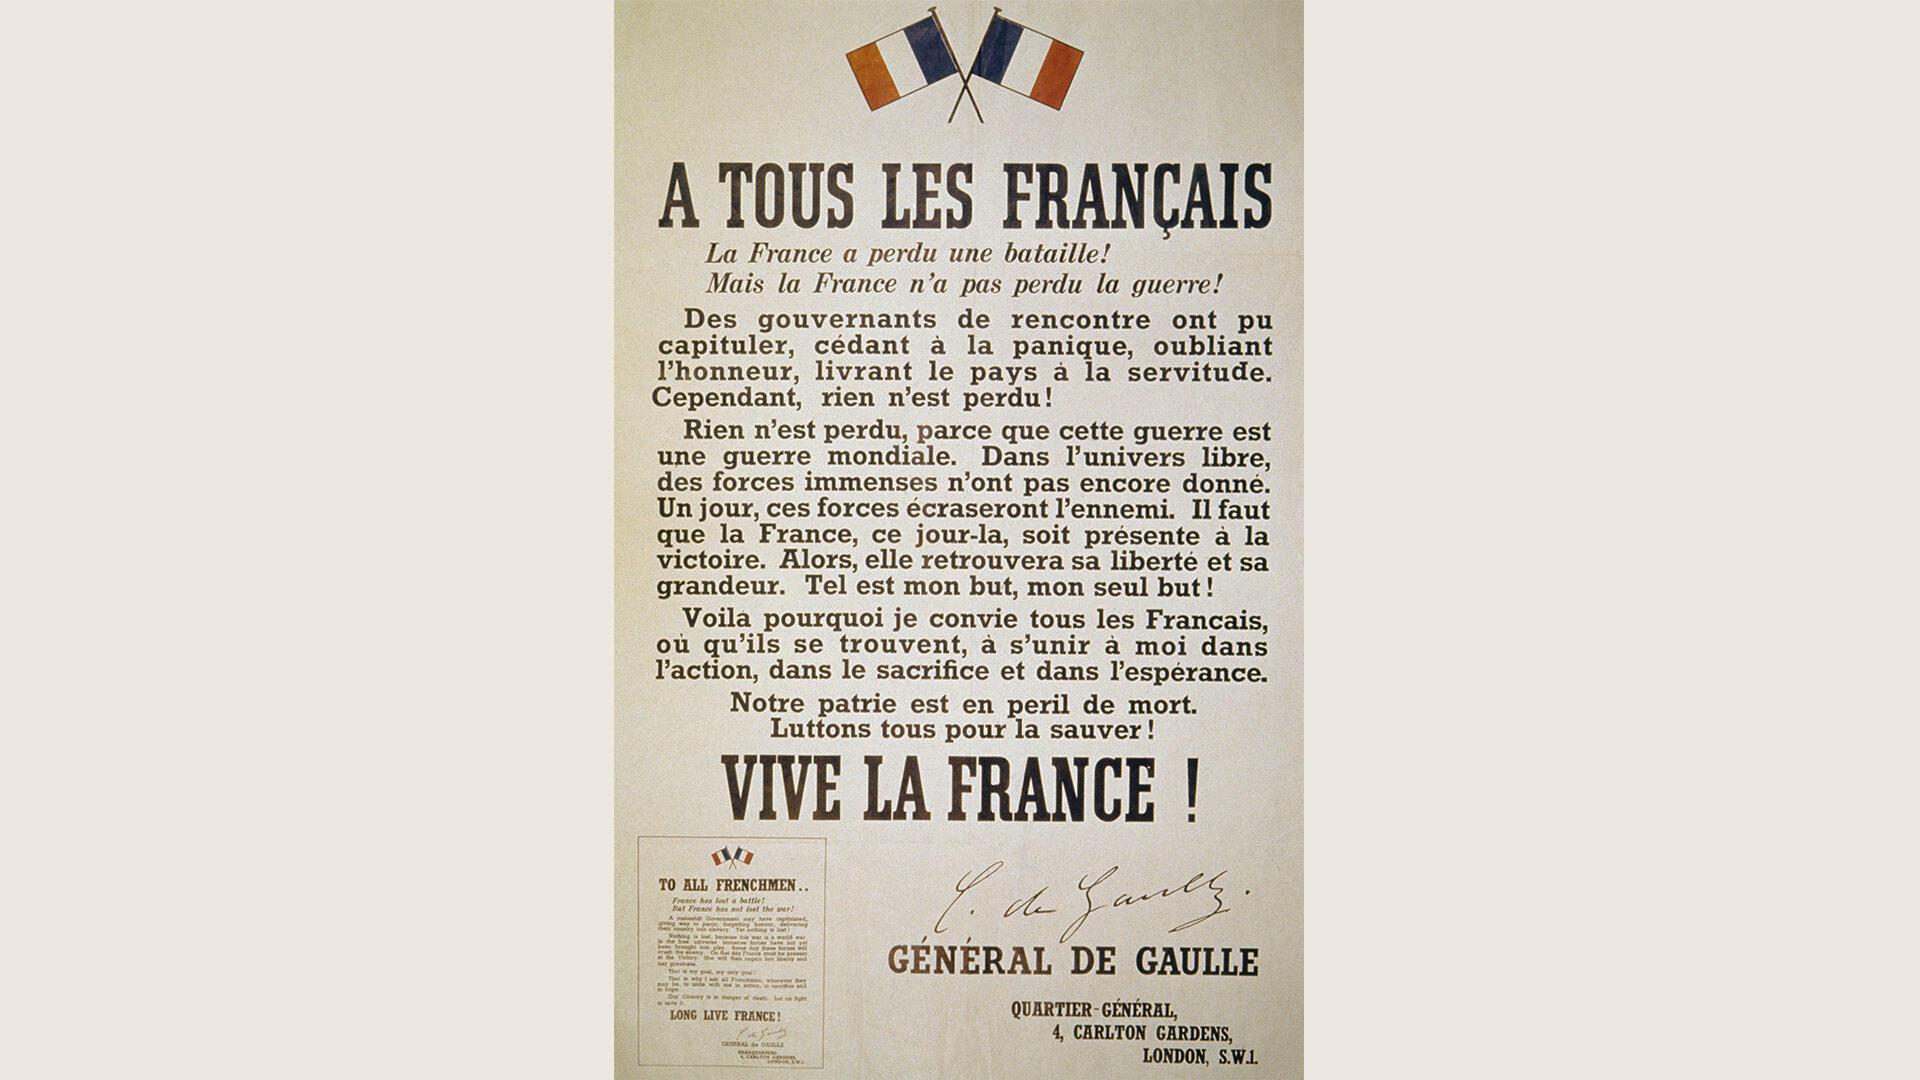 Affiche de l'Appel du 18 juin 1940